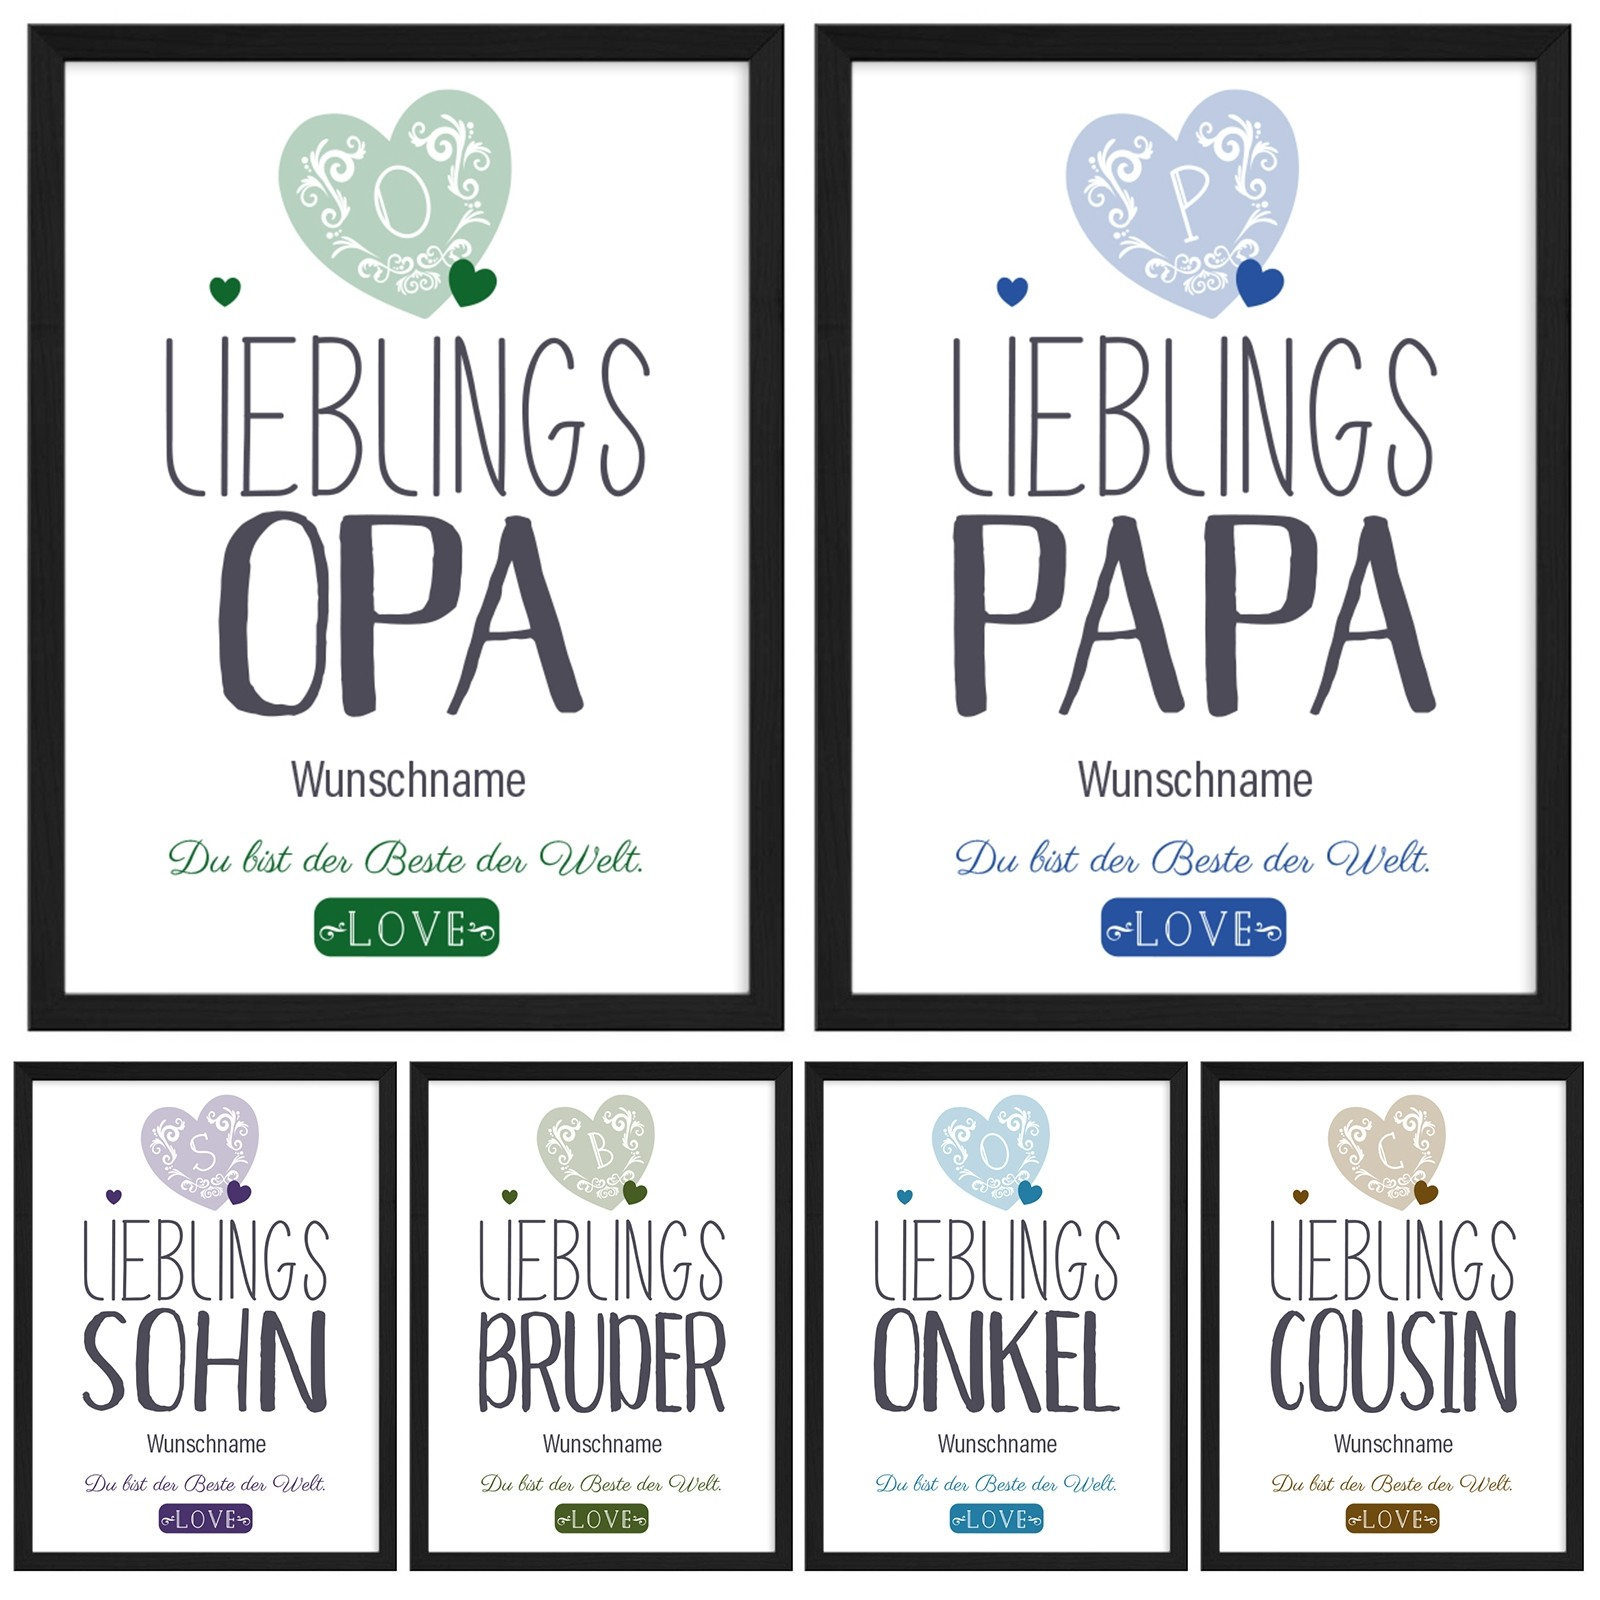 Wandbild: Lieblings- Opa / Papa / Bruder / Sohn / Onkel / Cousin. (personalisierbar)